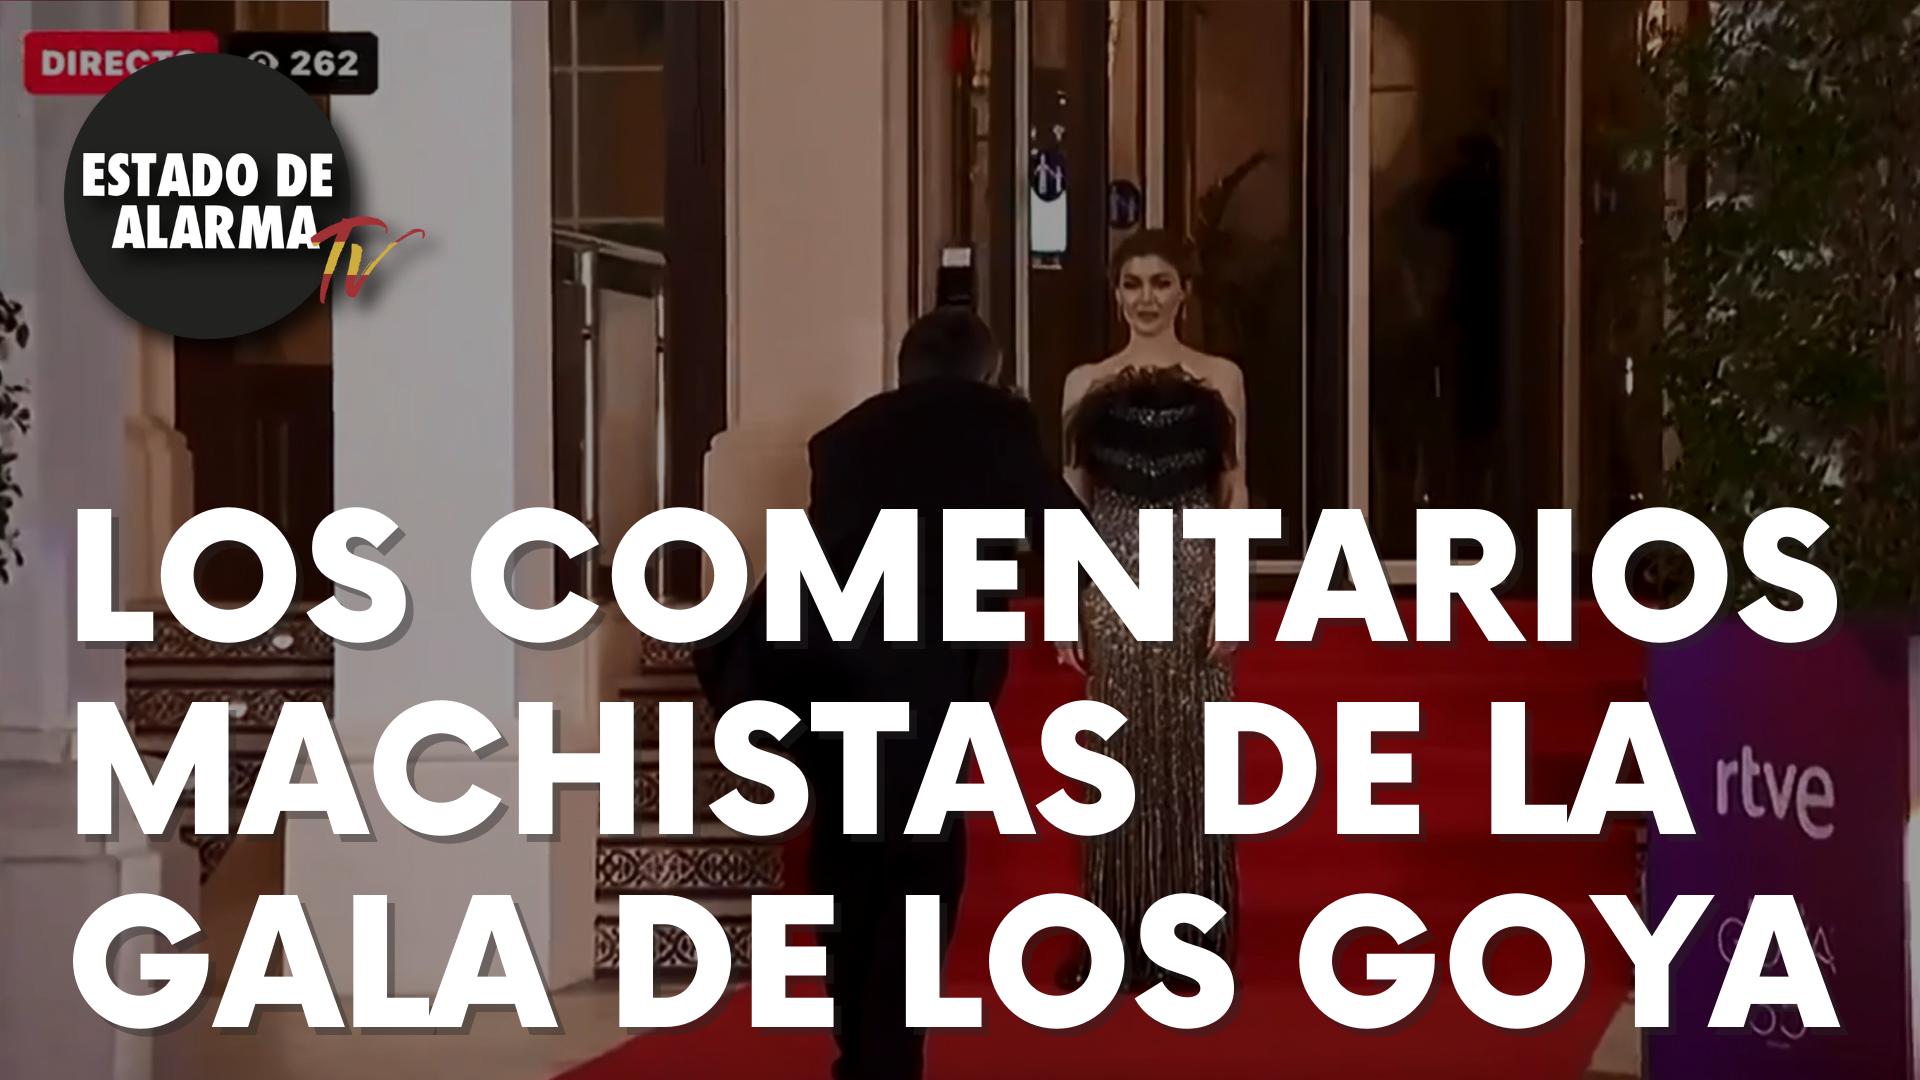 """Lamentables comentarios machistas en la Gala de los Goya: """"Está buena"""""""